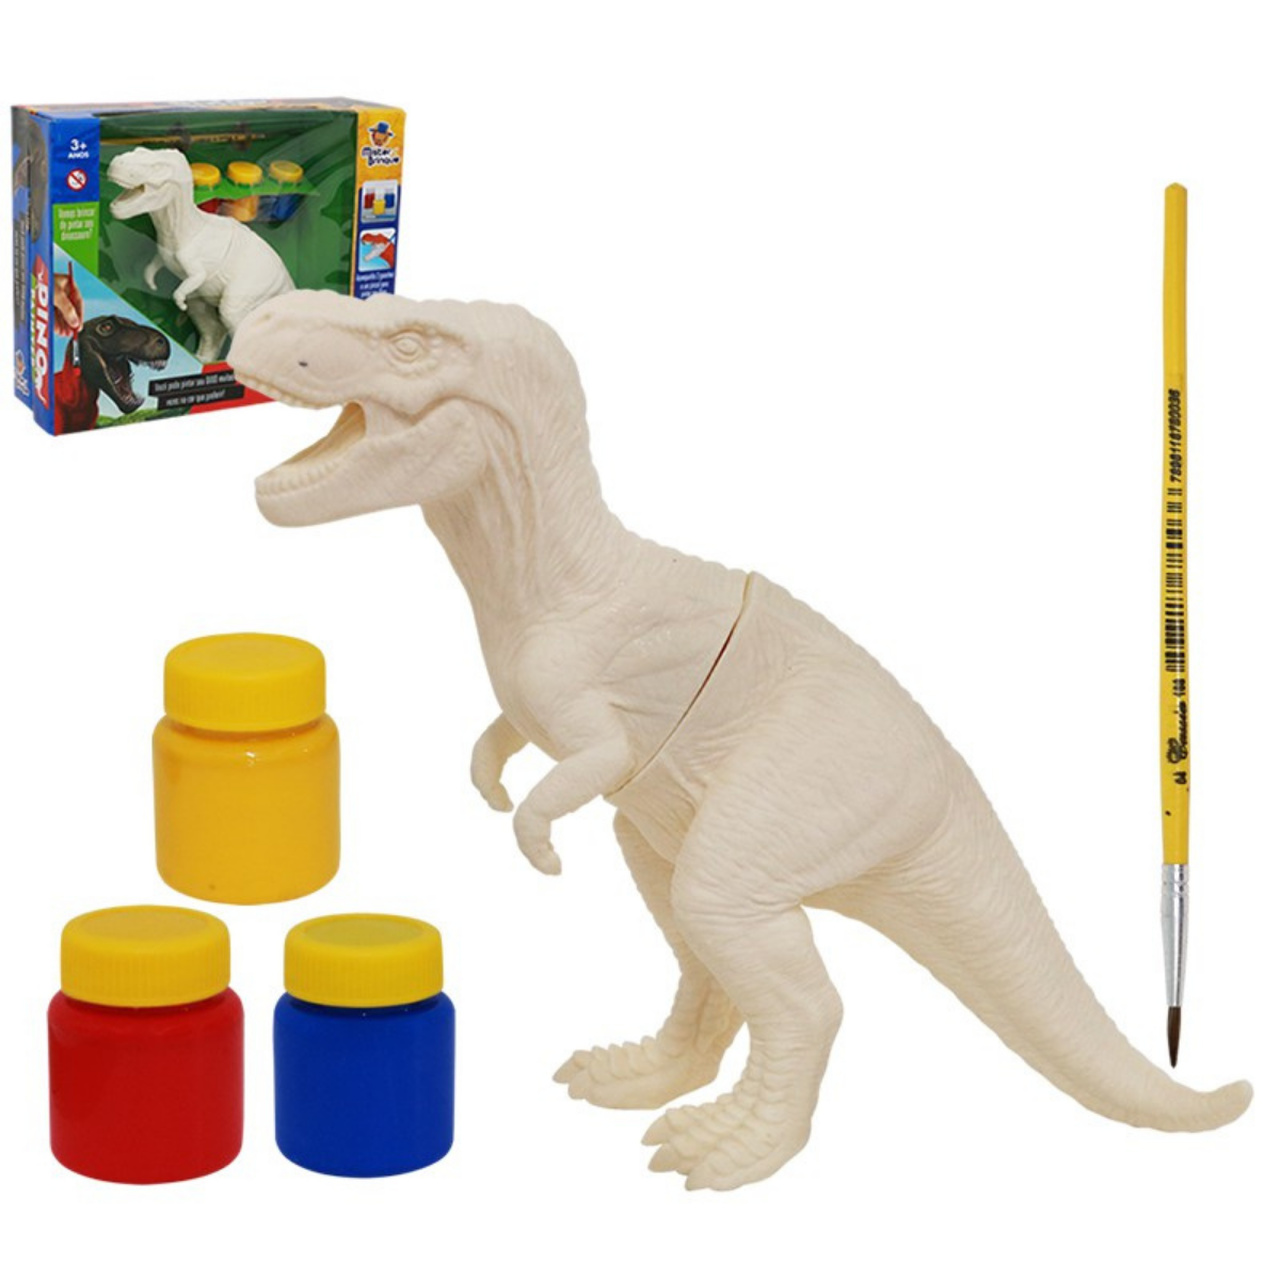 Dino Painter com 3 tintas guache e 1 pincel de pintura Dinossauro Rex